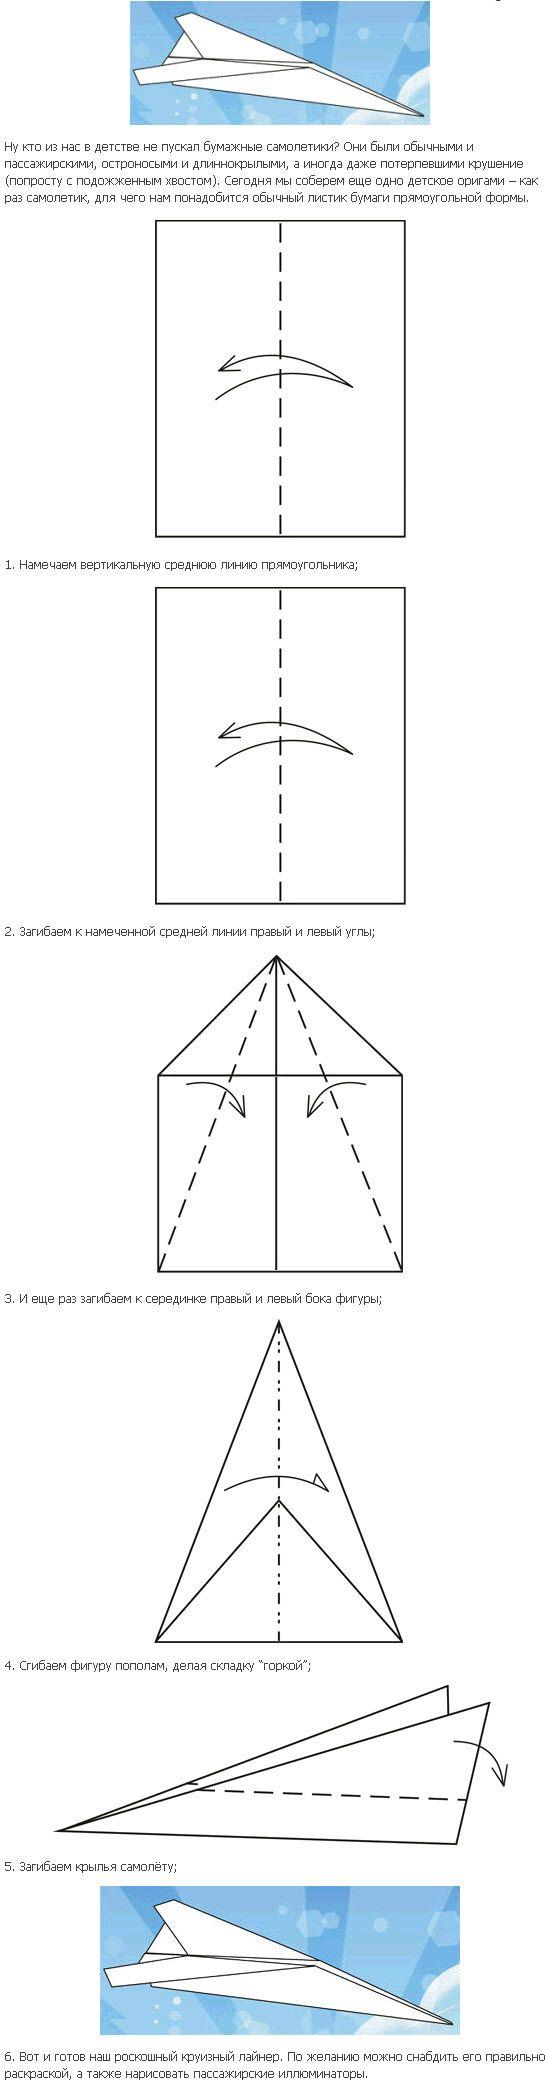 Как сделать оригами из бумаги самолетик схема